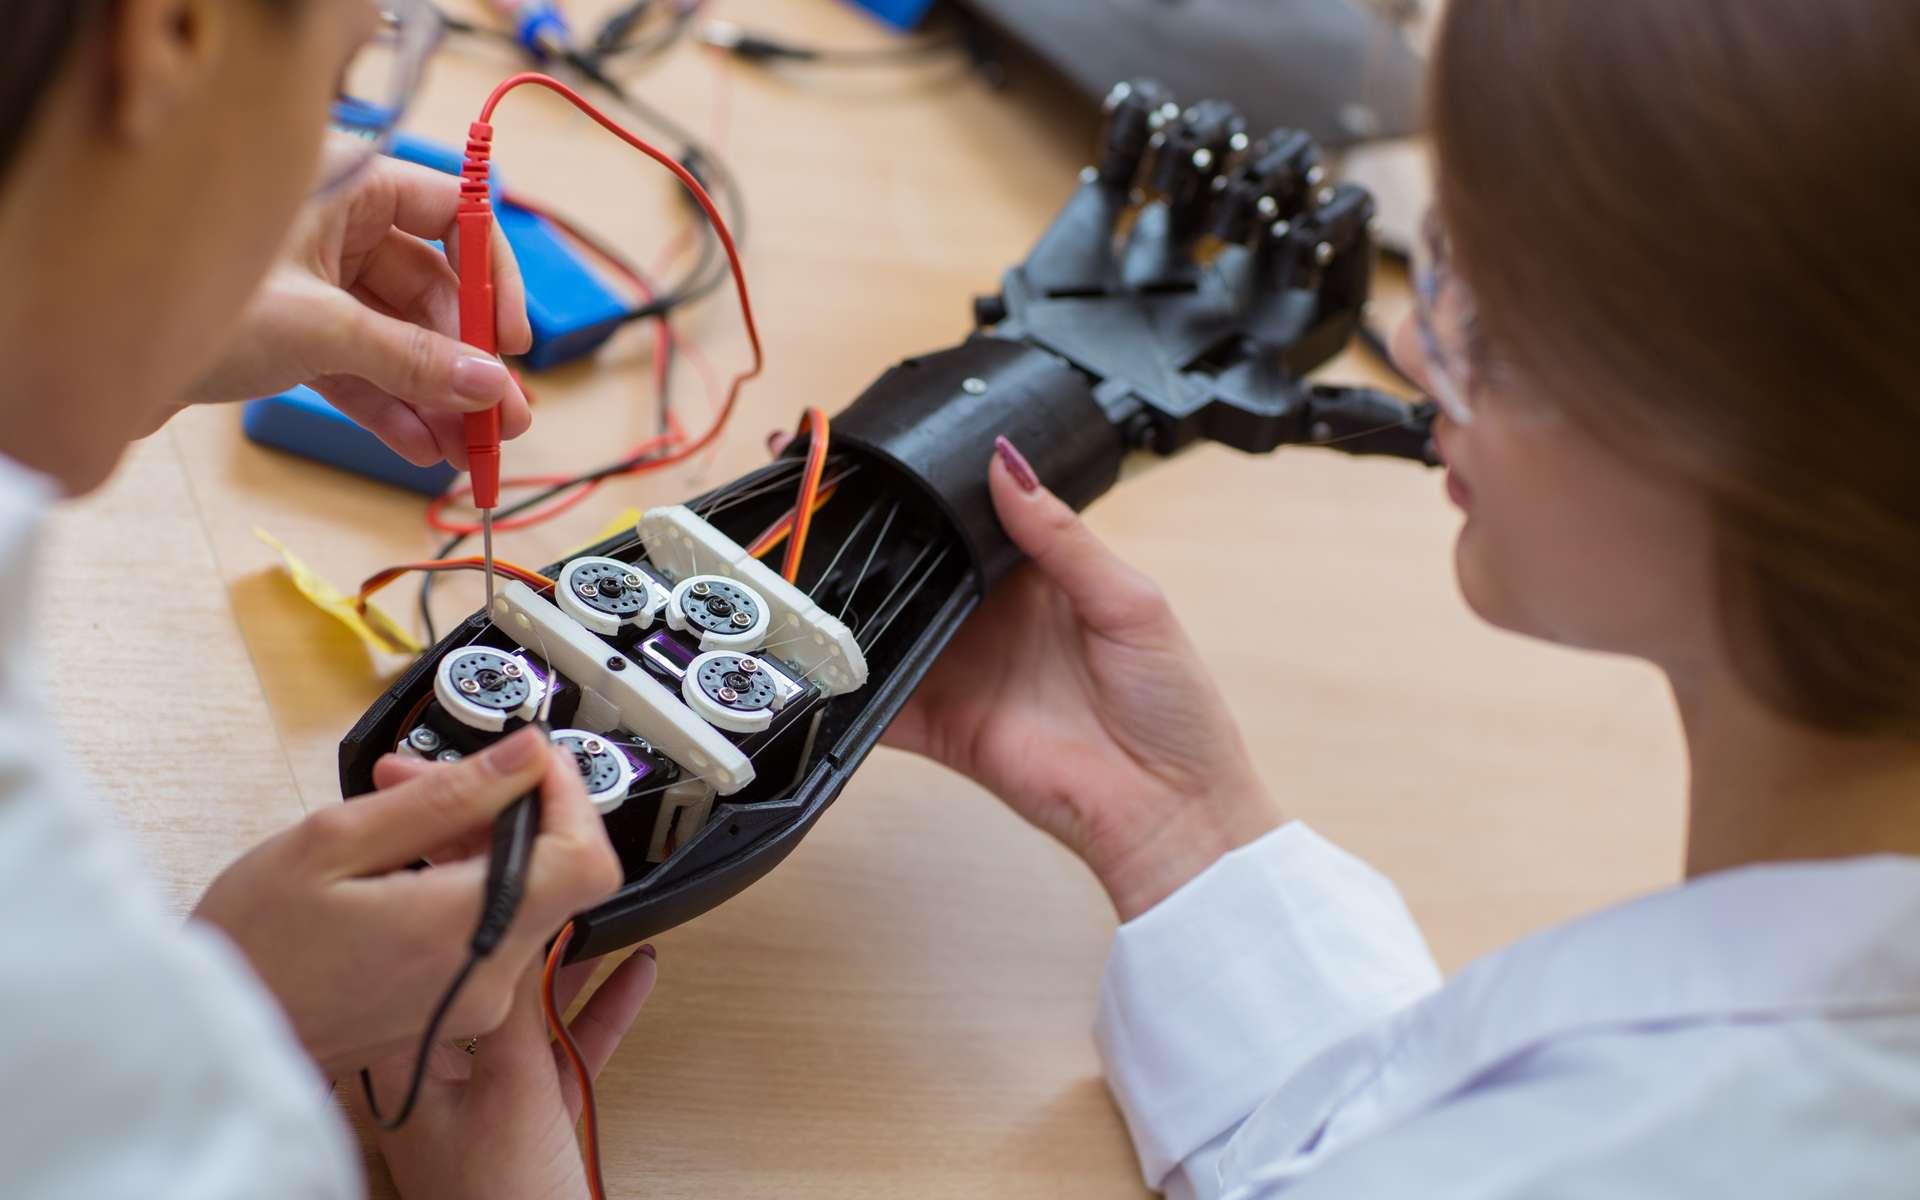 Développer une prothèse de main commandée par un casque EEG suite à un entraînement par réalité virtuelle, tel est le projet de l'ESME Sudria. © Zoriana, Adobe Stock